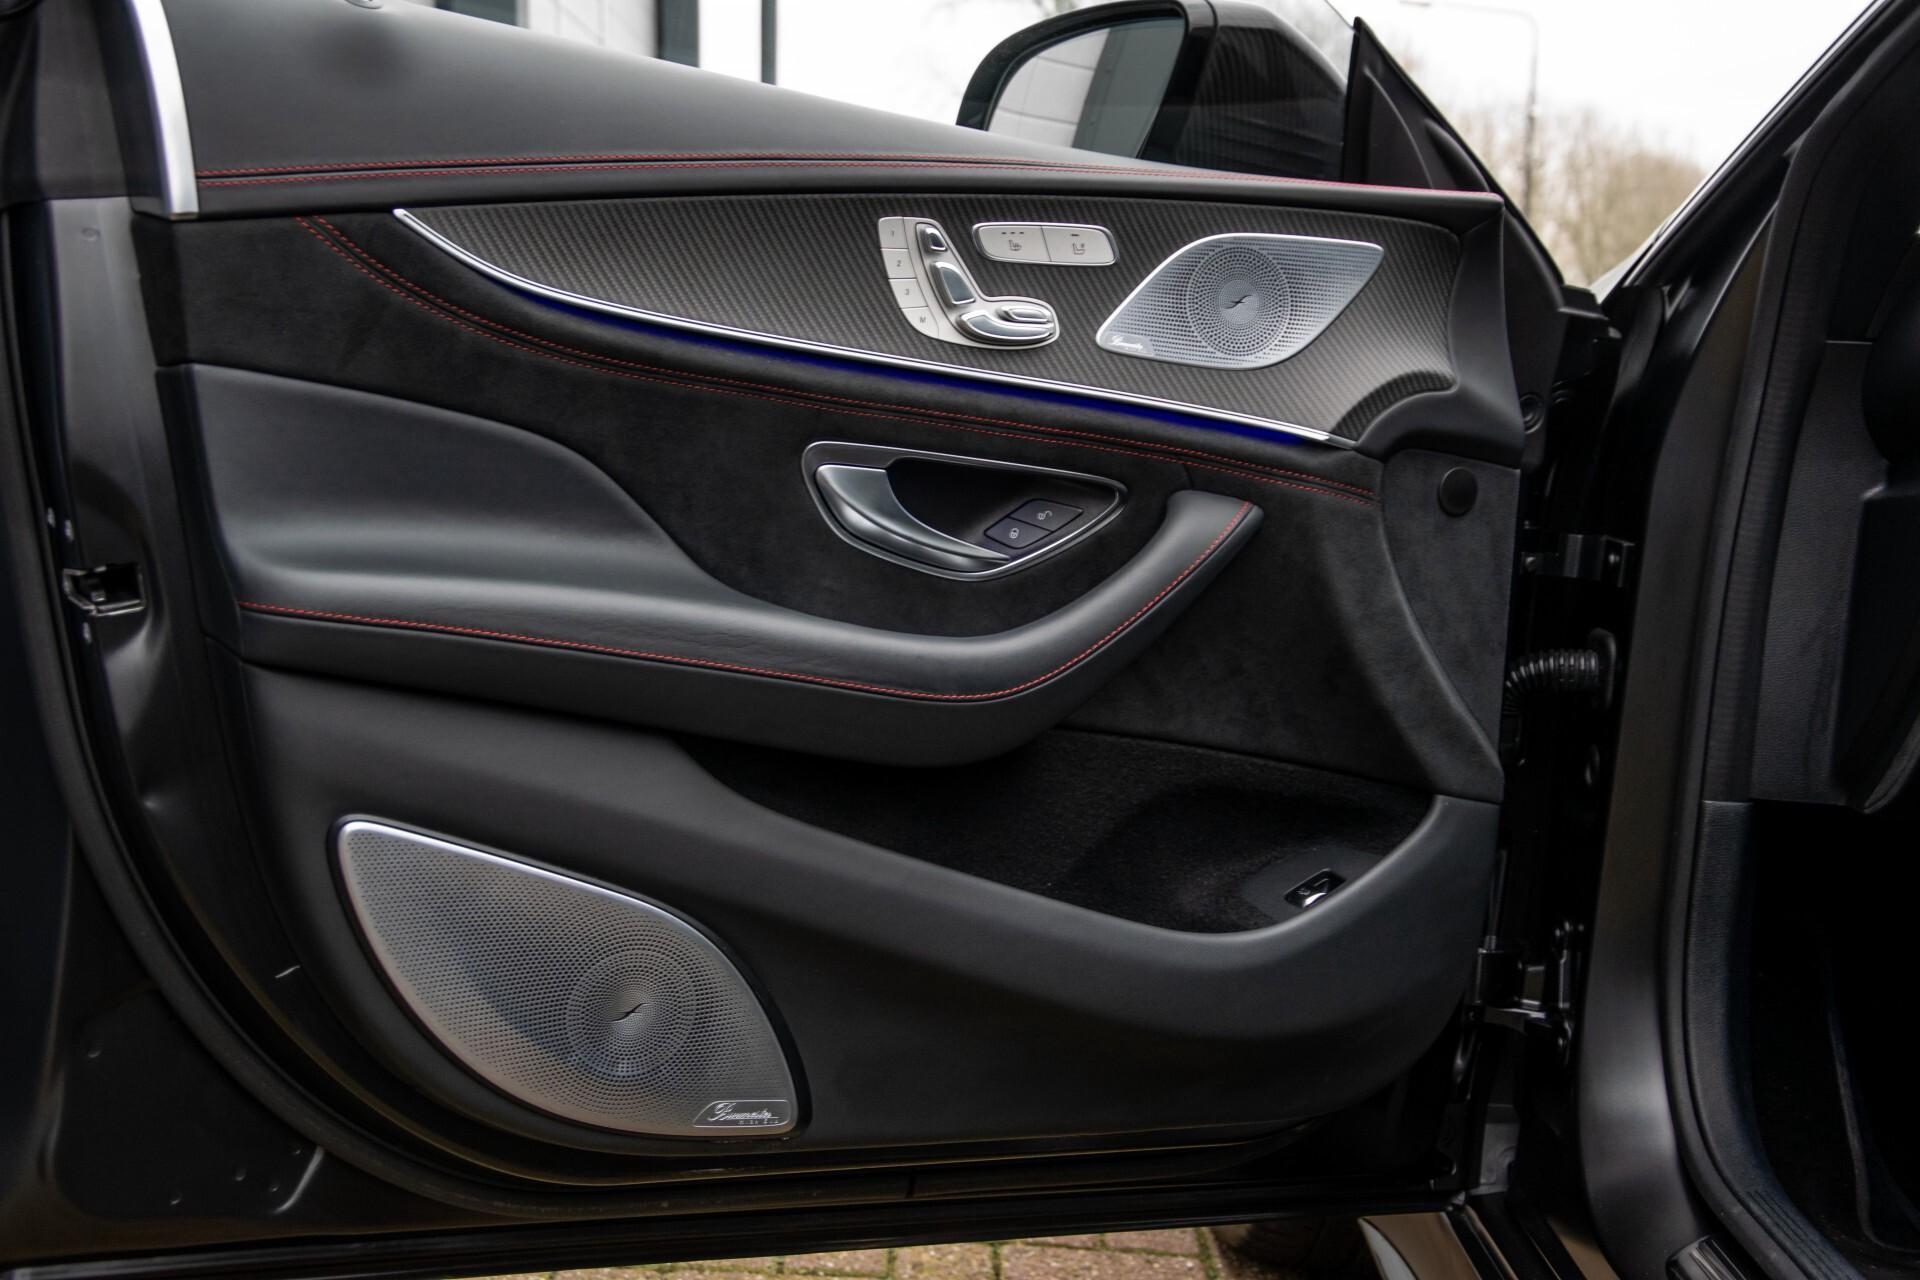 Mercedes-Benz AMG GT 4-Door Coupe 63 S 4M+ Keramisch/Full Carbon/Aerodynamica/Burmester 3D/TV/Performance stoelen/Standkachel Aut9 Foto 22